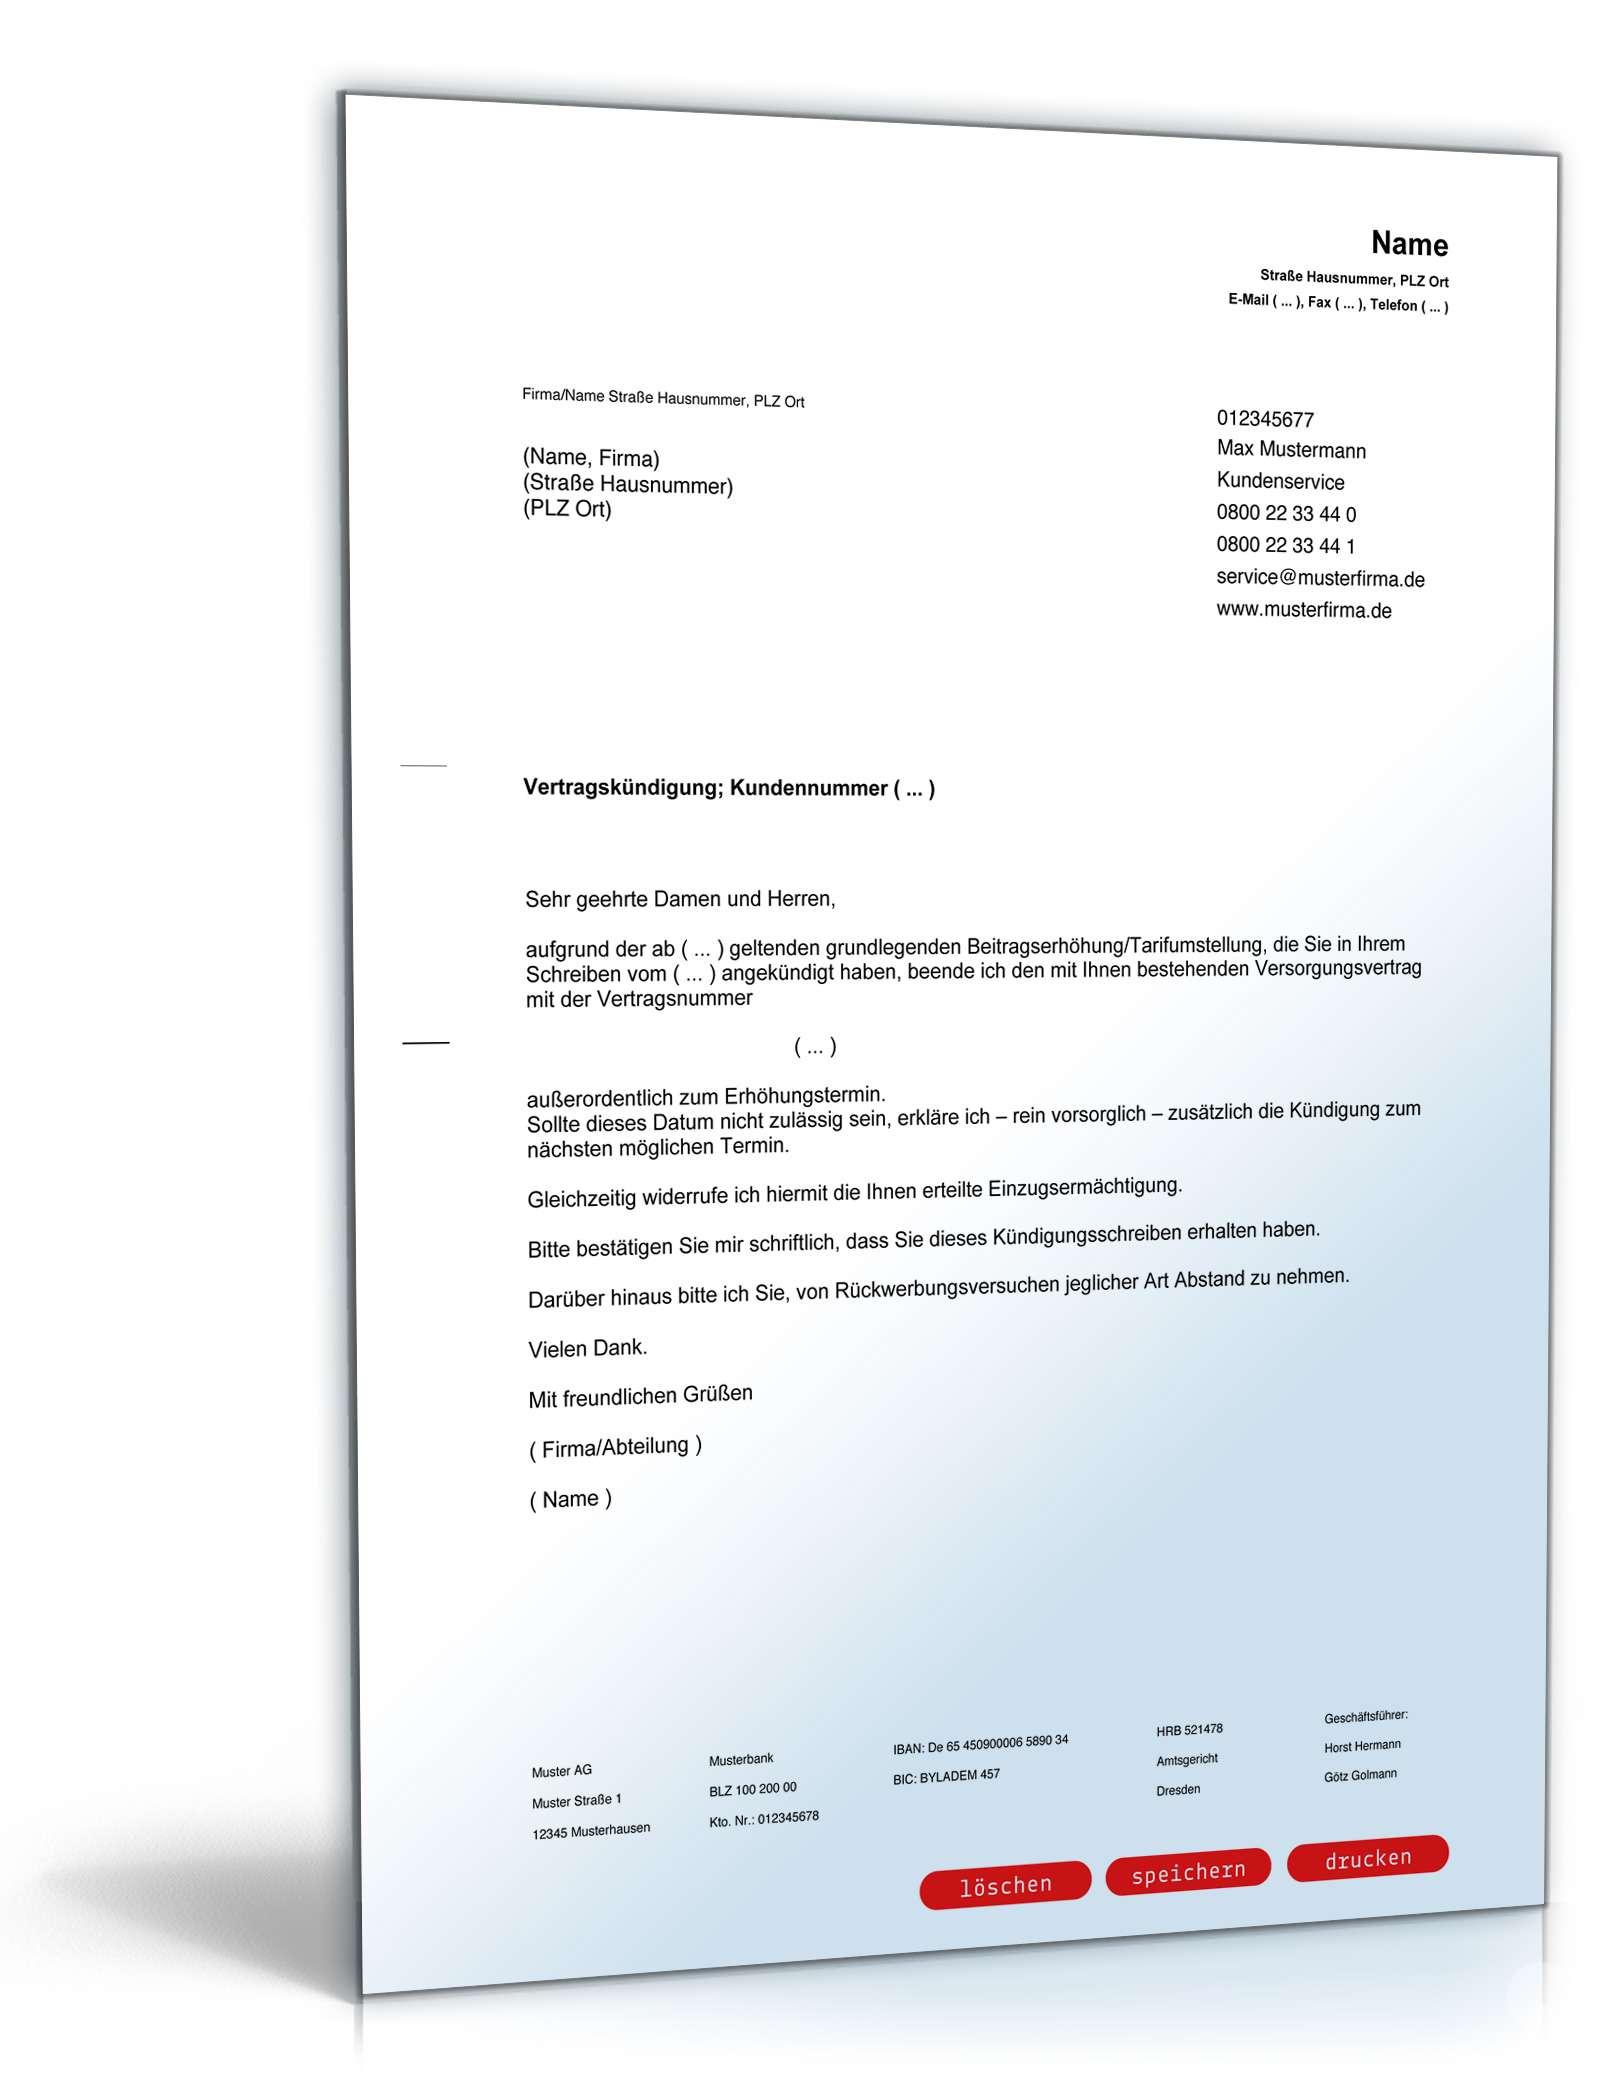 Außerordentliche Kündigung beim Energieversorger | Vorlage zum Download